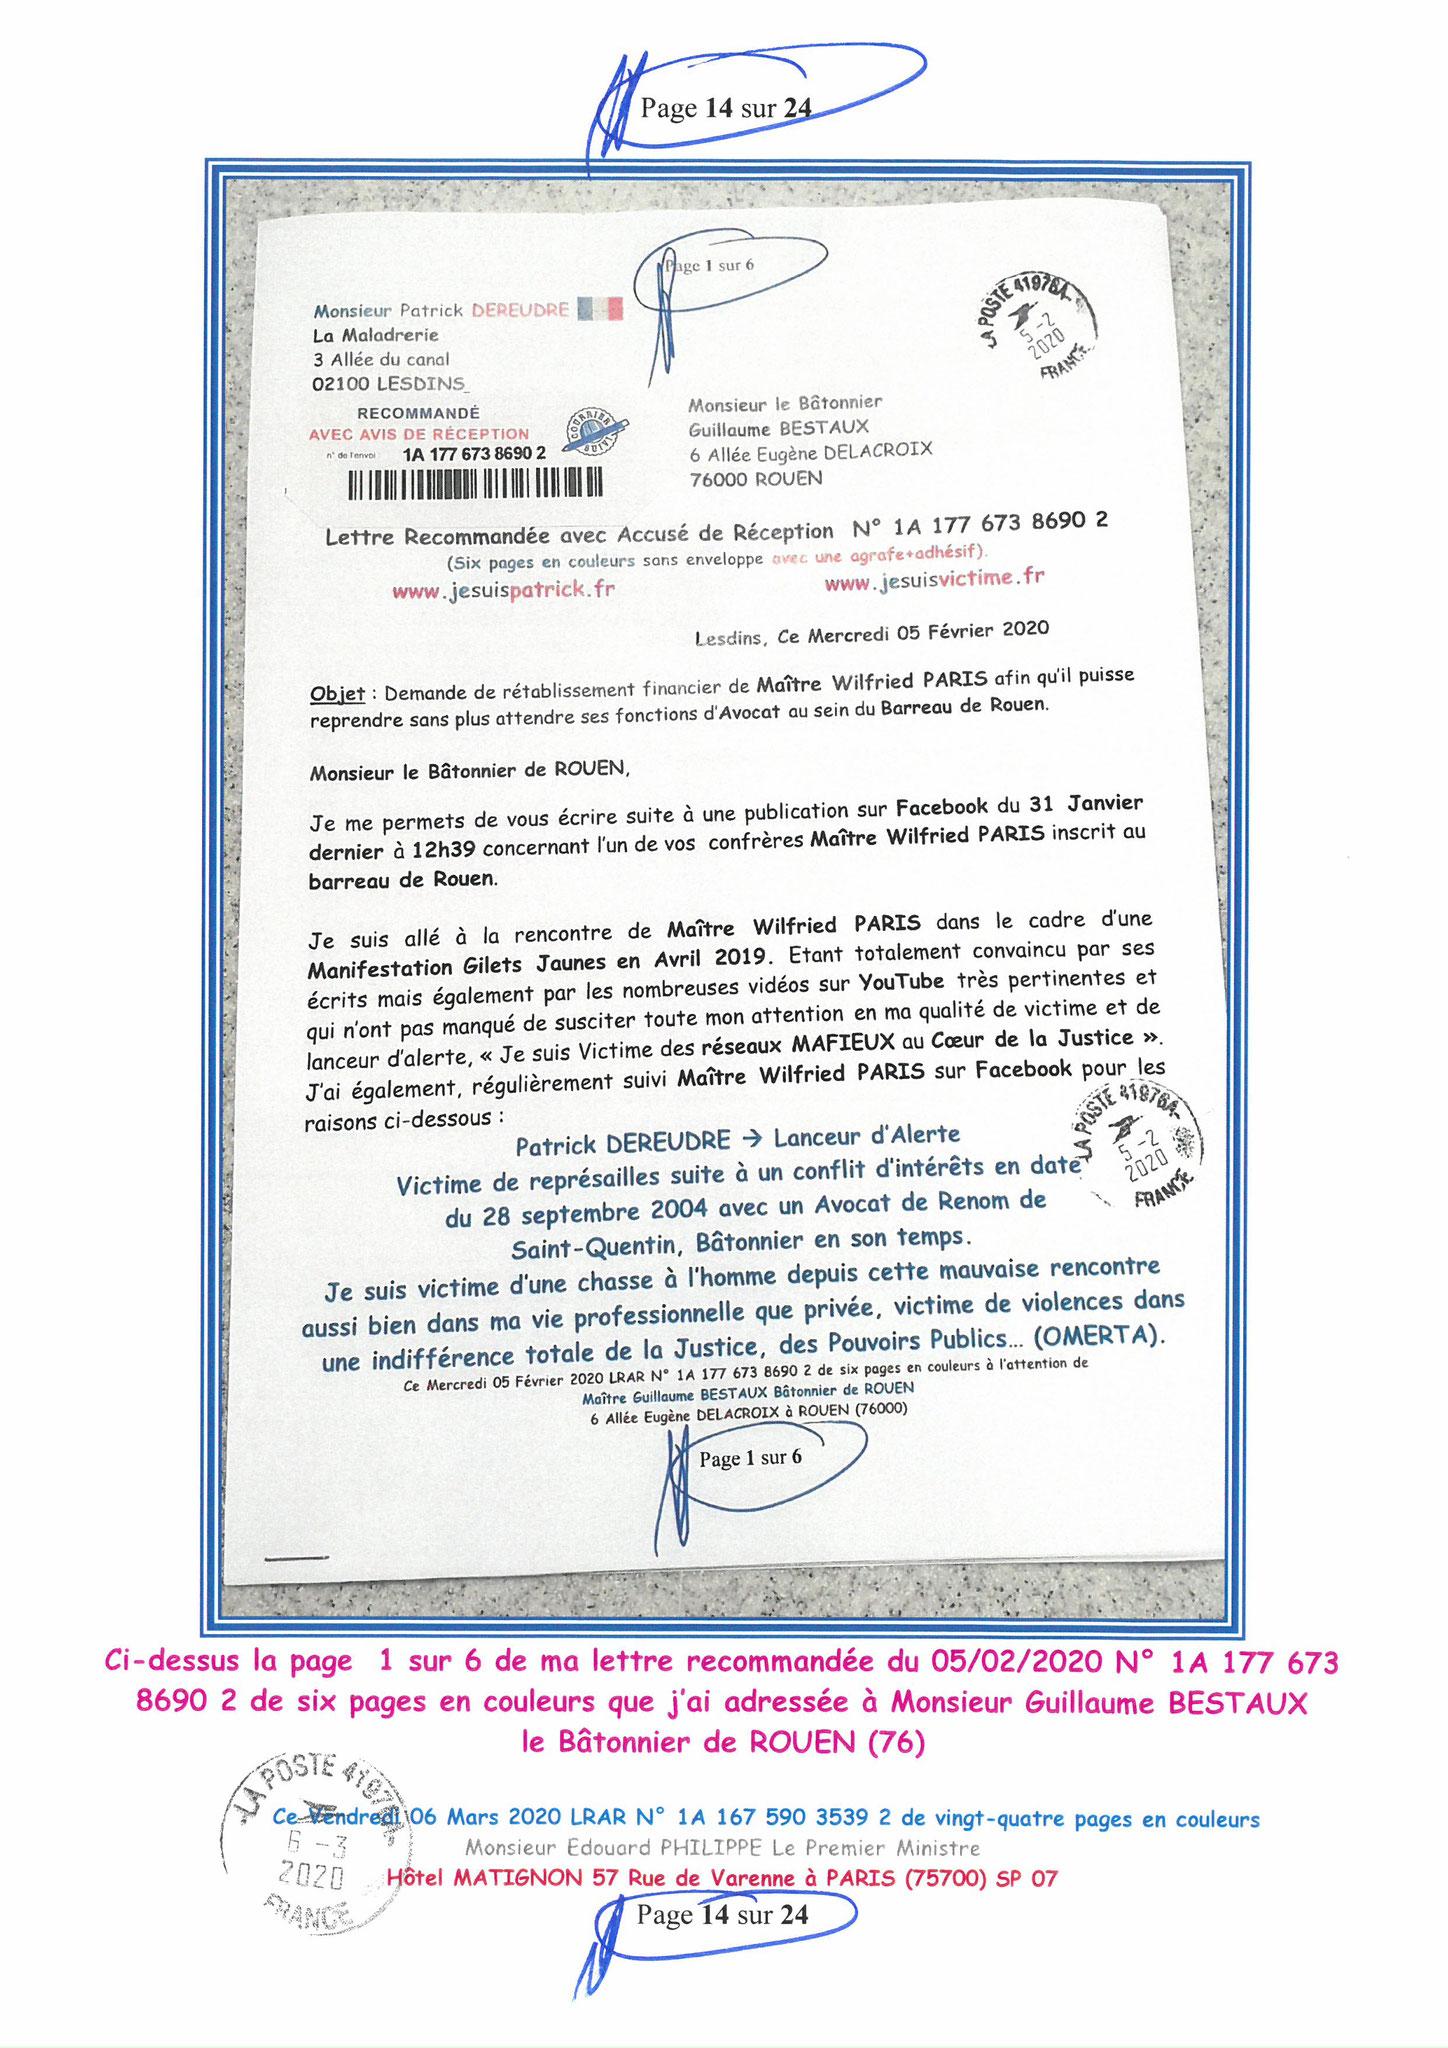 Ma LRAR à Monsieur le  Premier Ministre Edouard PHILIPPE N° 1A 167 590 3539 2 Page 14 sur 24 en Couleur du 06 Mars 2020  www.jesuispatrick.fr